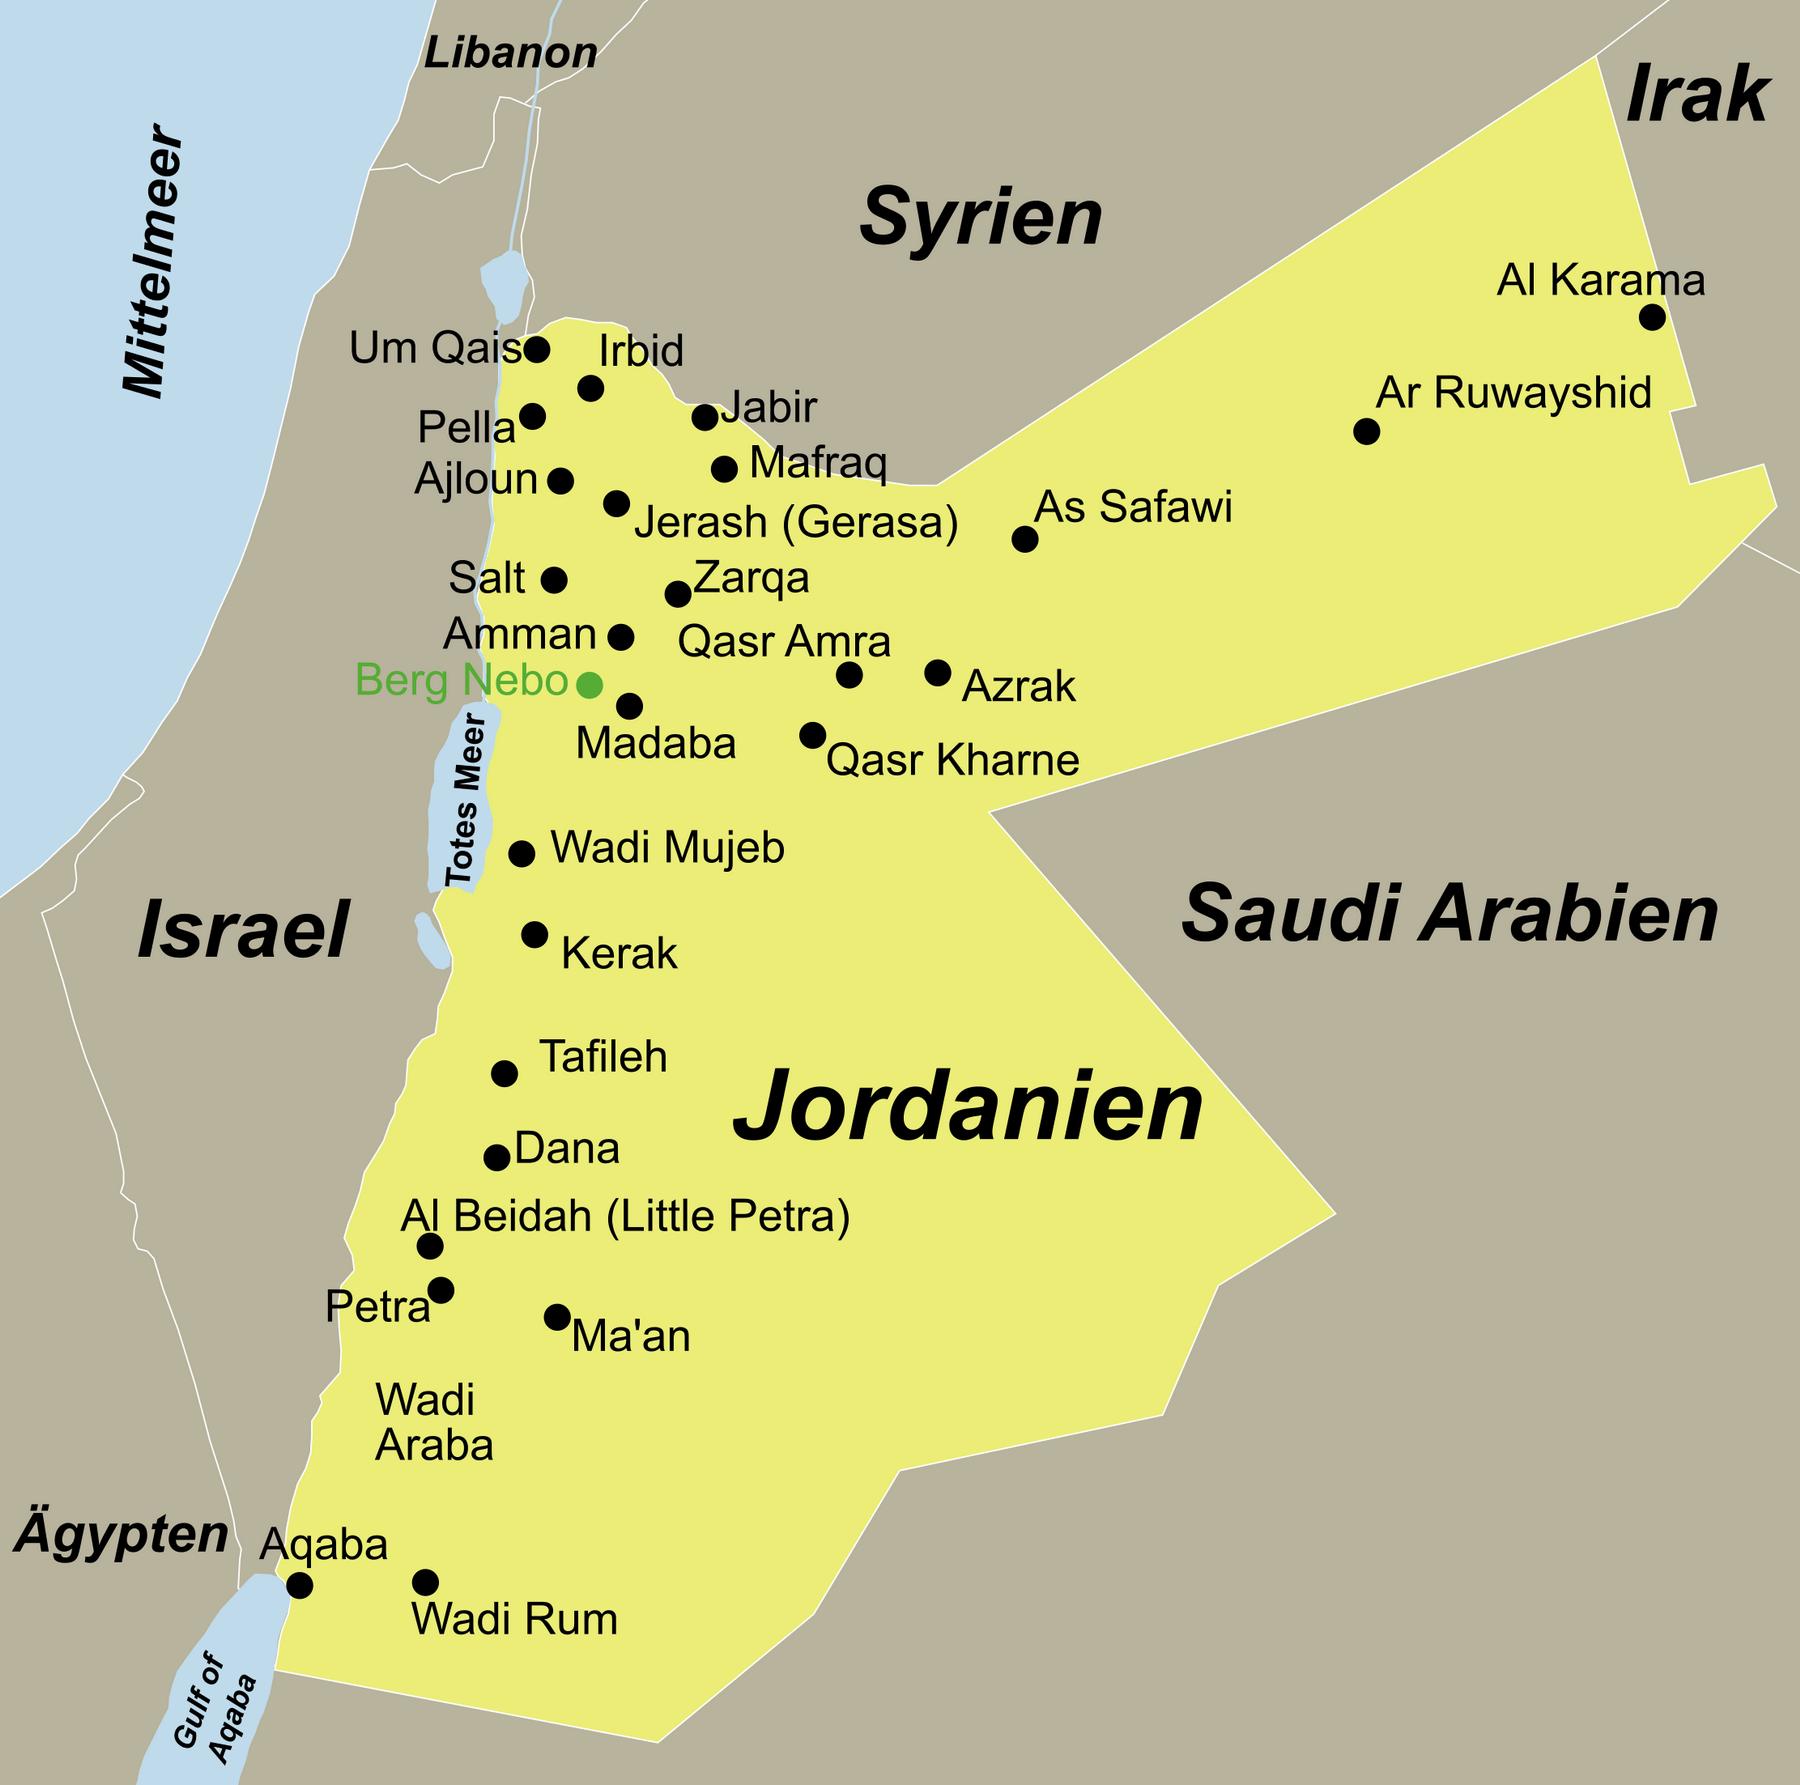 Jordanien Traumurlaub anspruchsvoll mit dem Reiseveranstalter reisefieber planen und reisen.